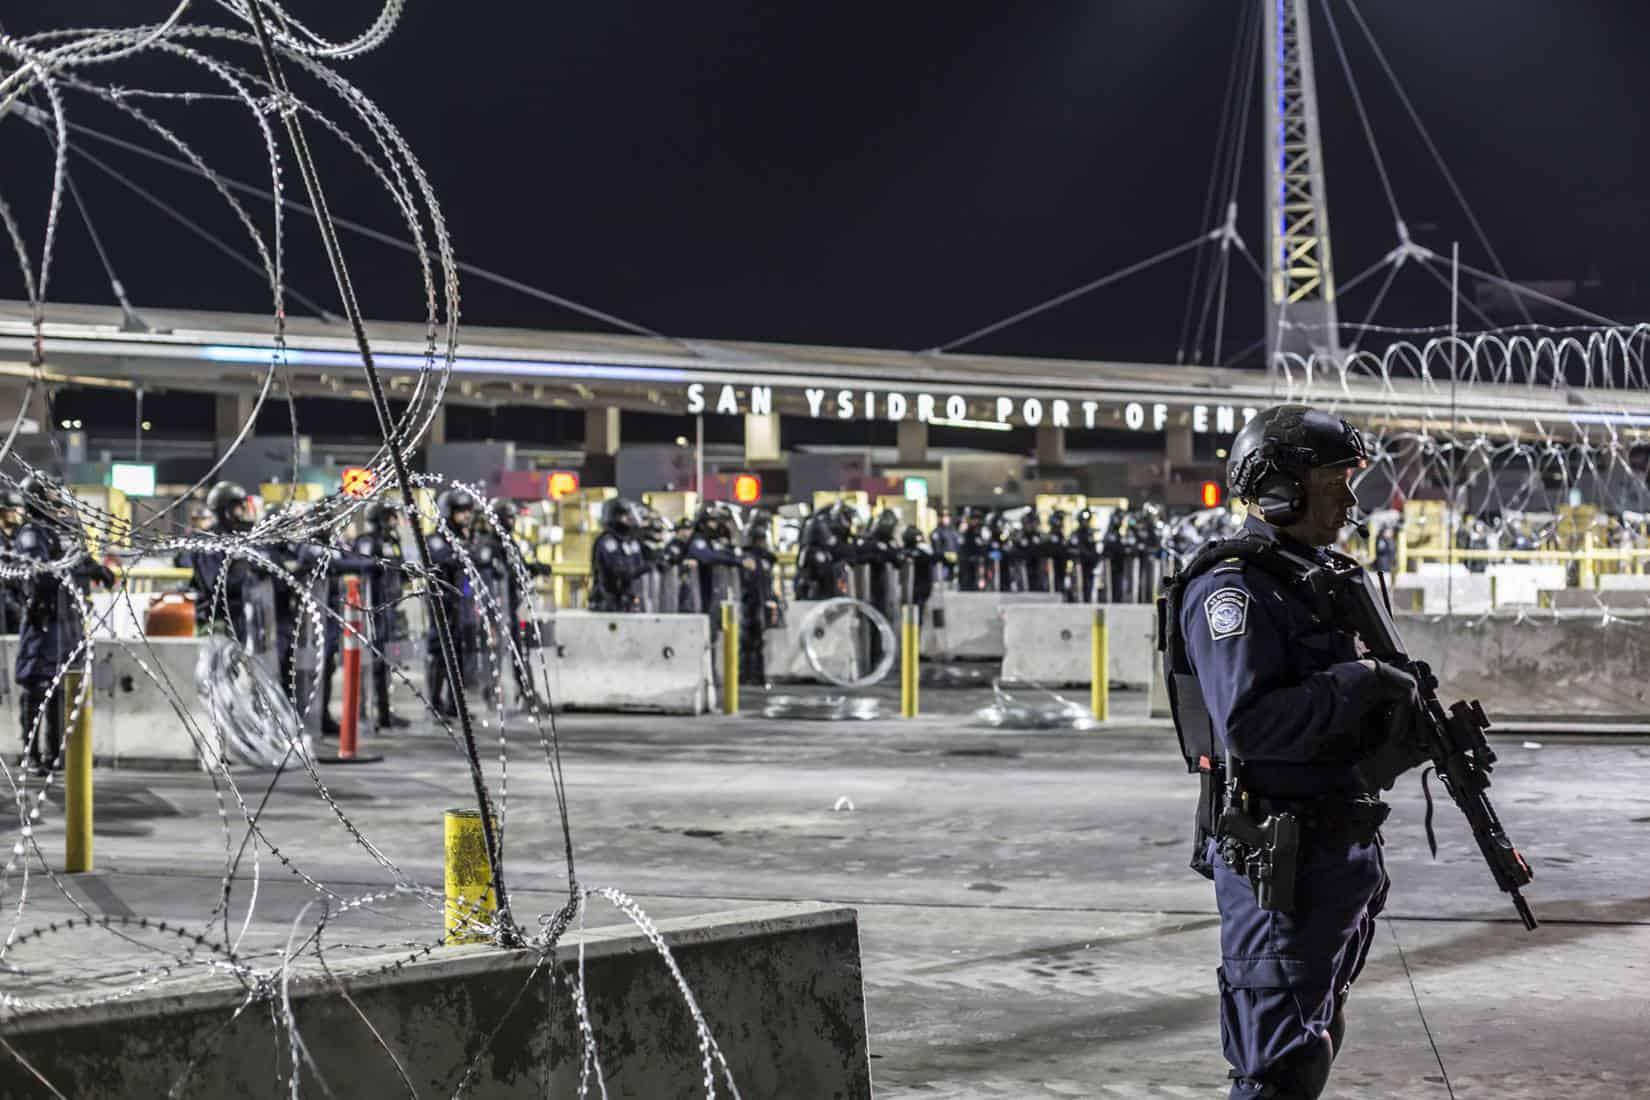 Instalan muralla de púas a migrantes en garita de San Ysidro (FOTOS)